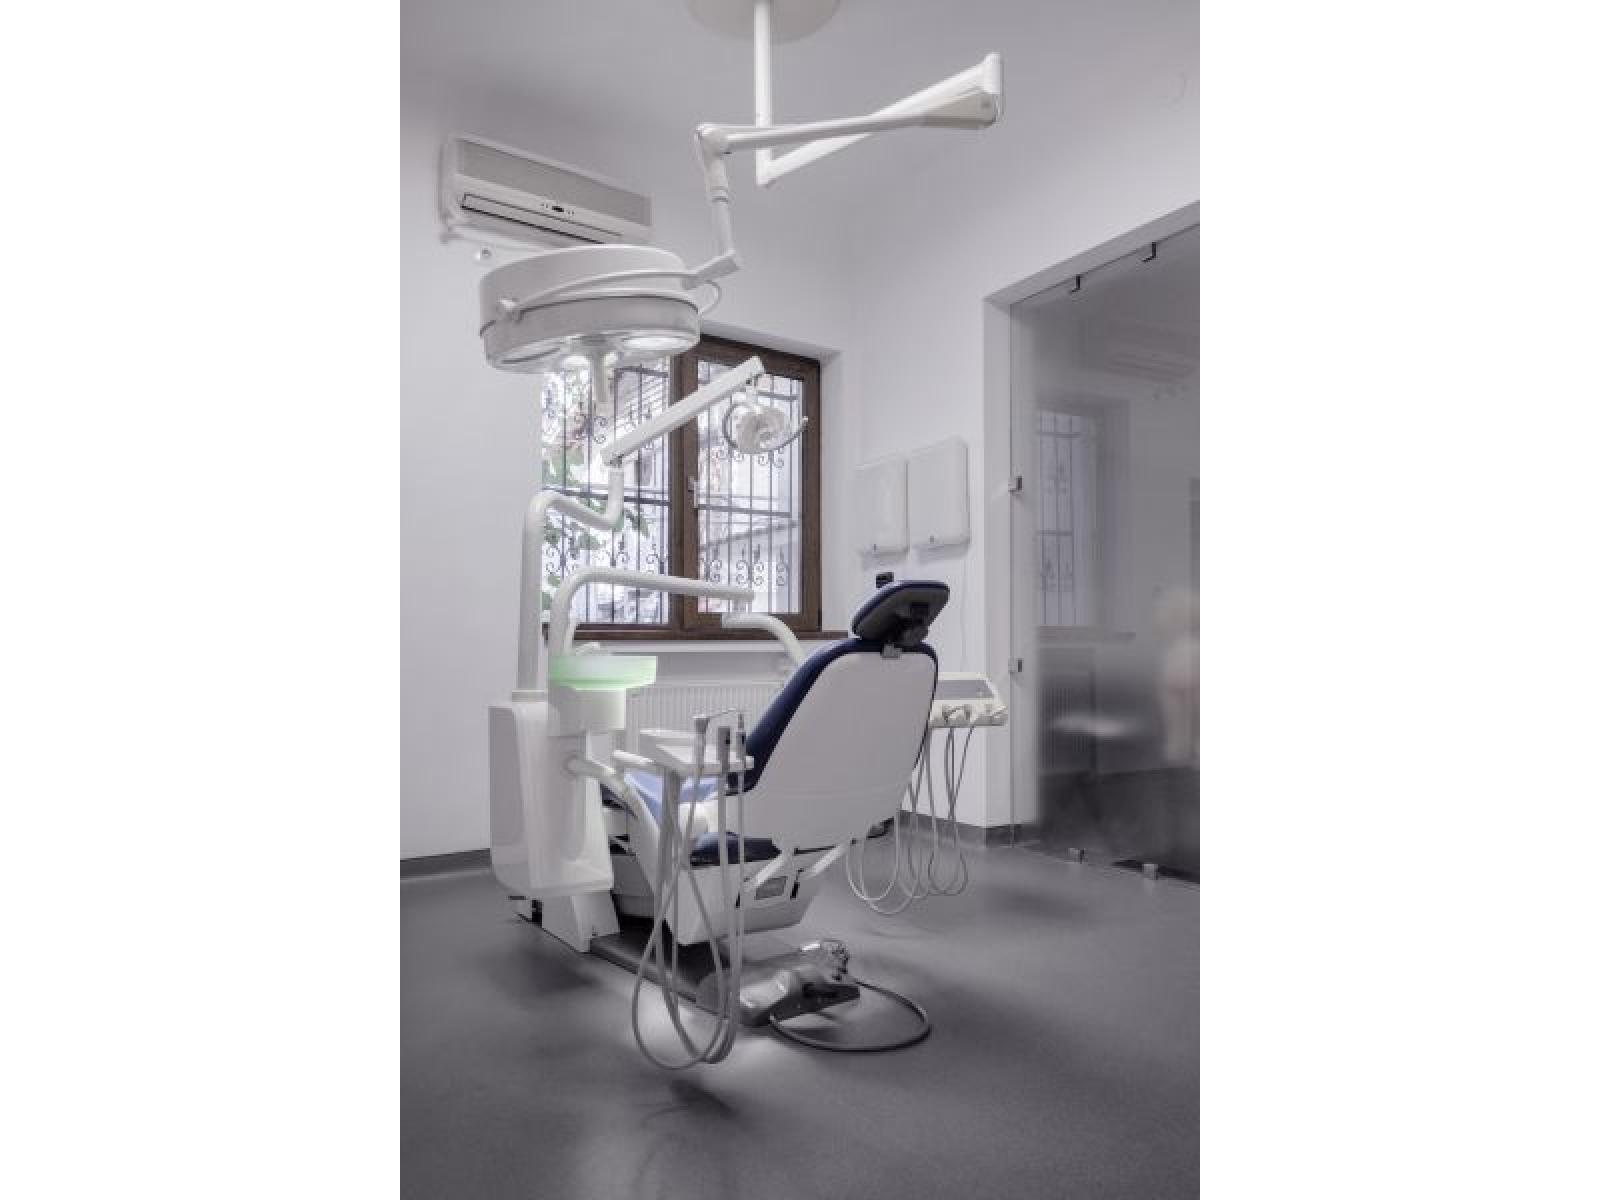 Clinica Dr. Dragus - DSCF7680_A.jpg